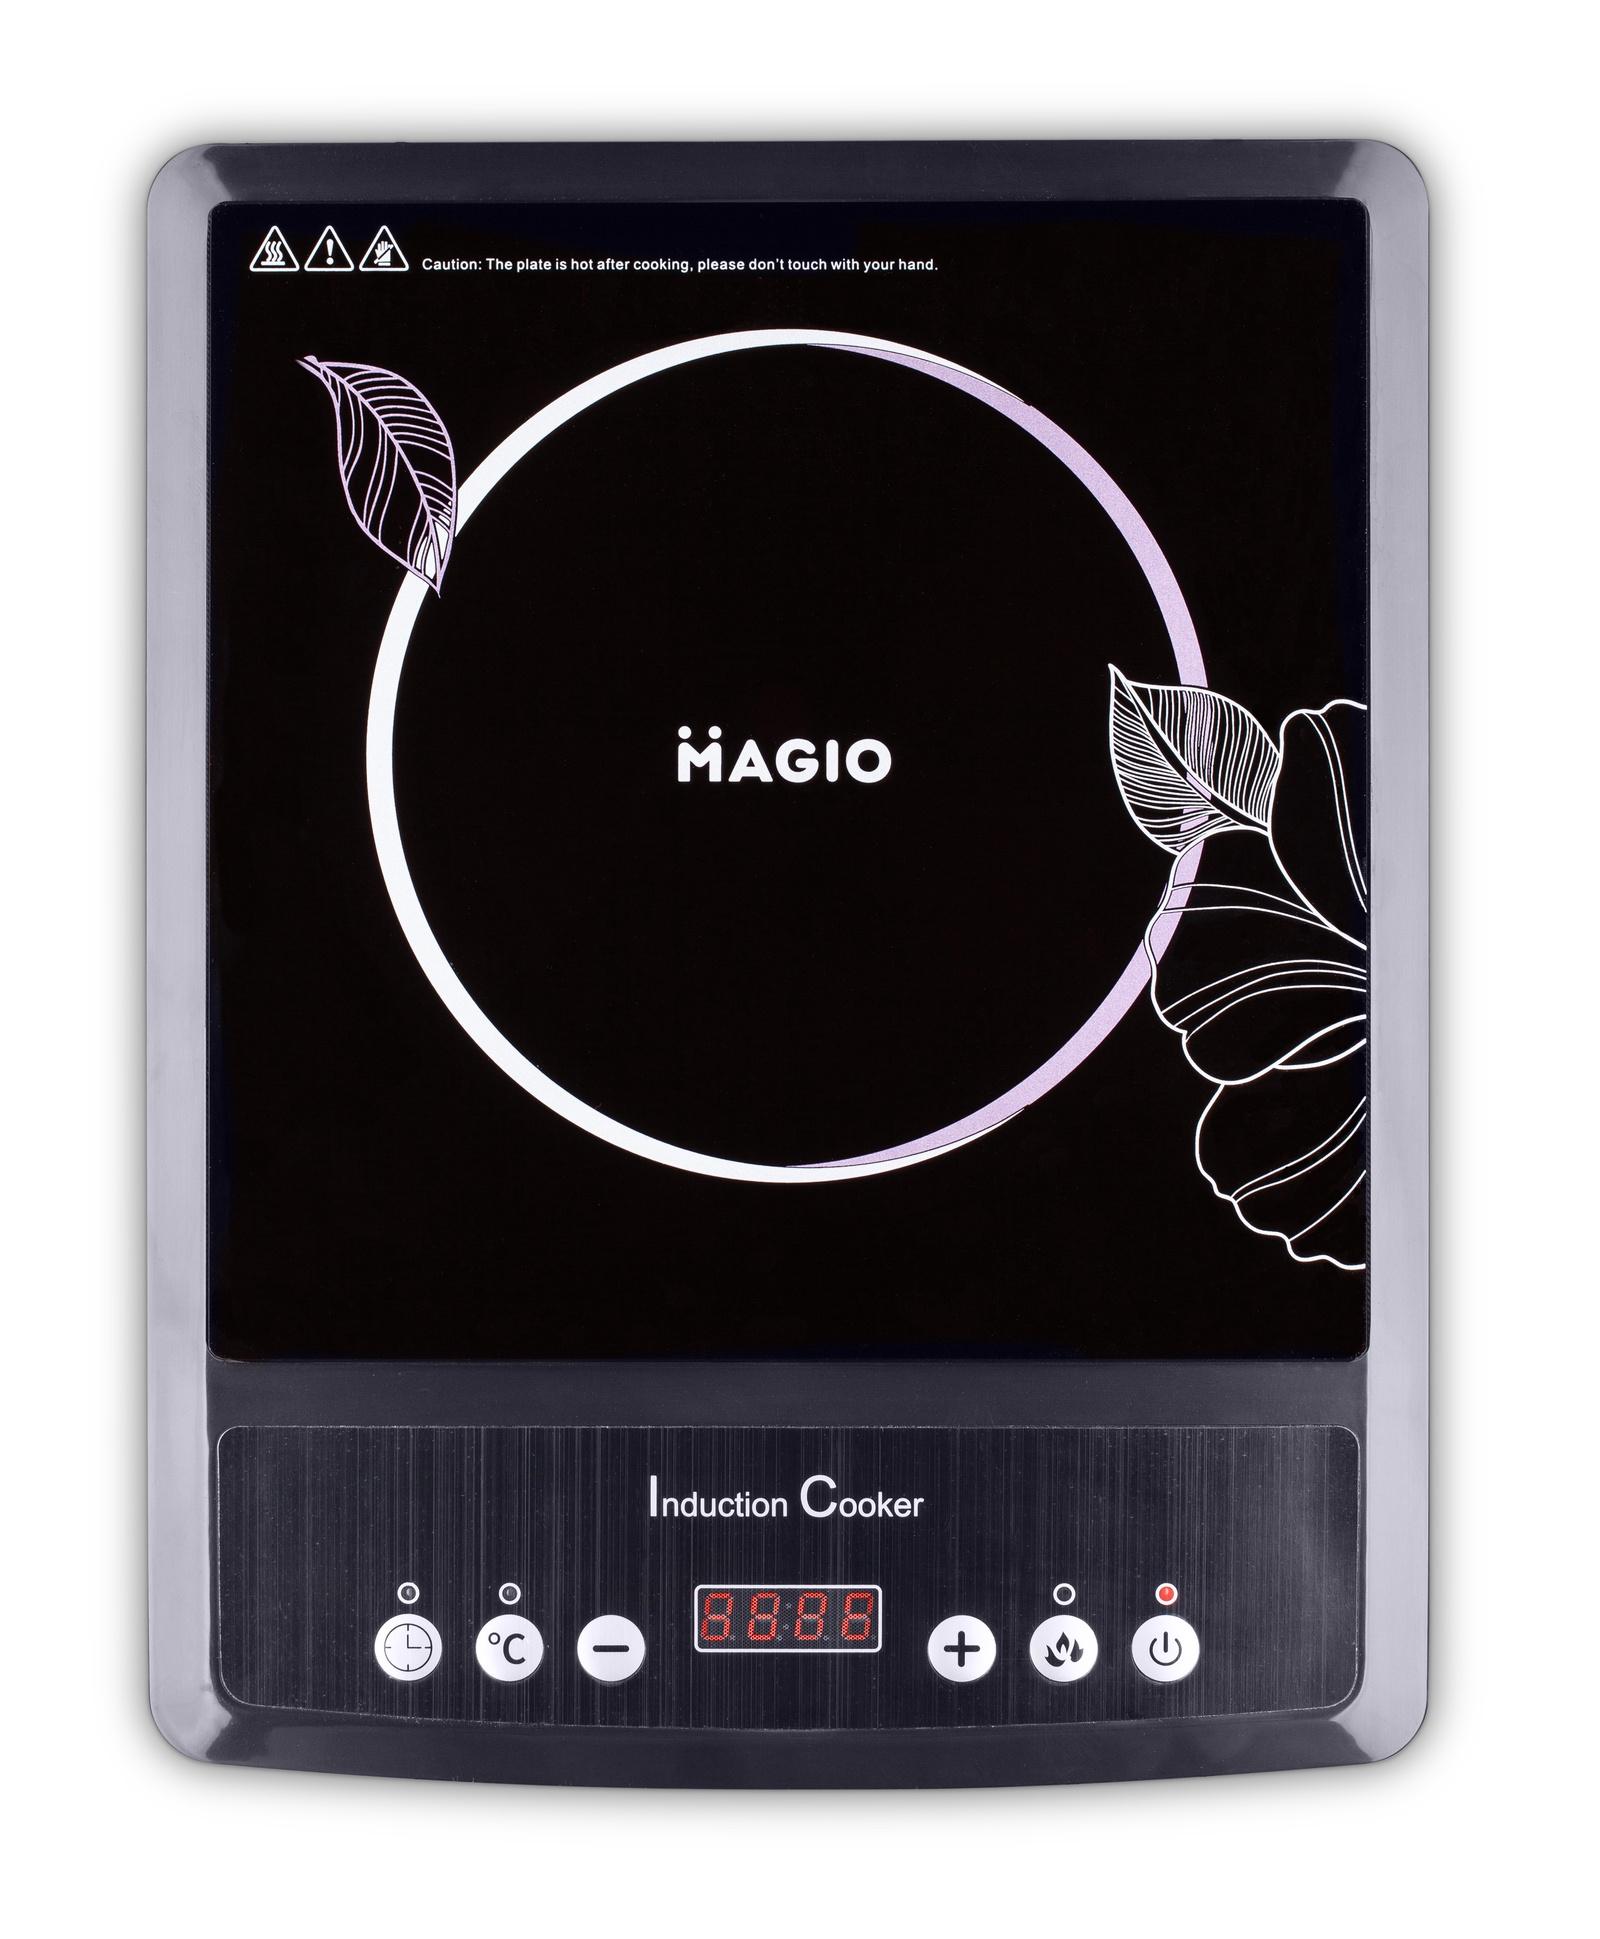 Настольная плита Magio индукционная LED-дисплей, черный